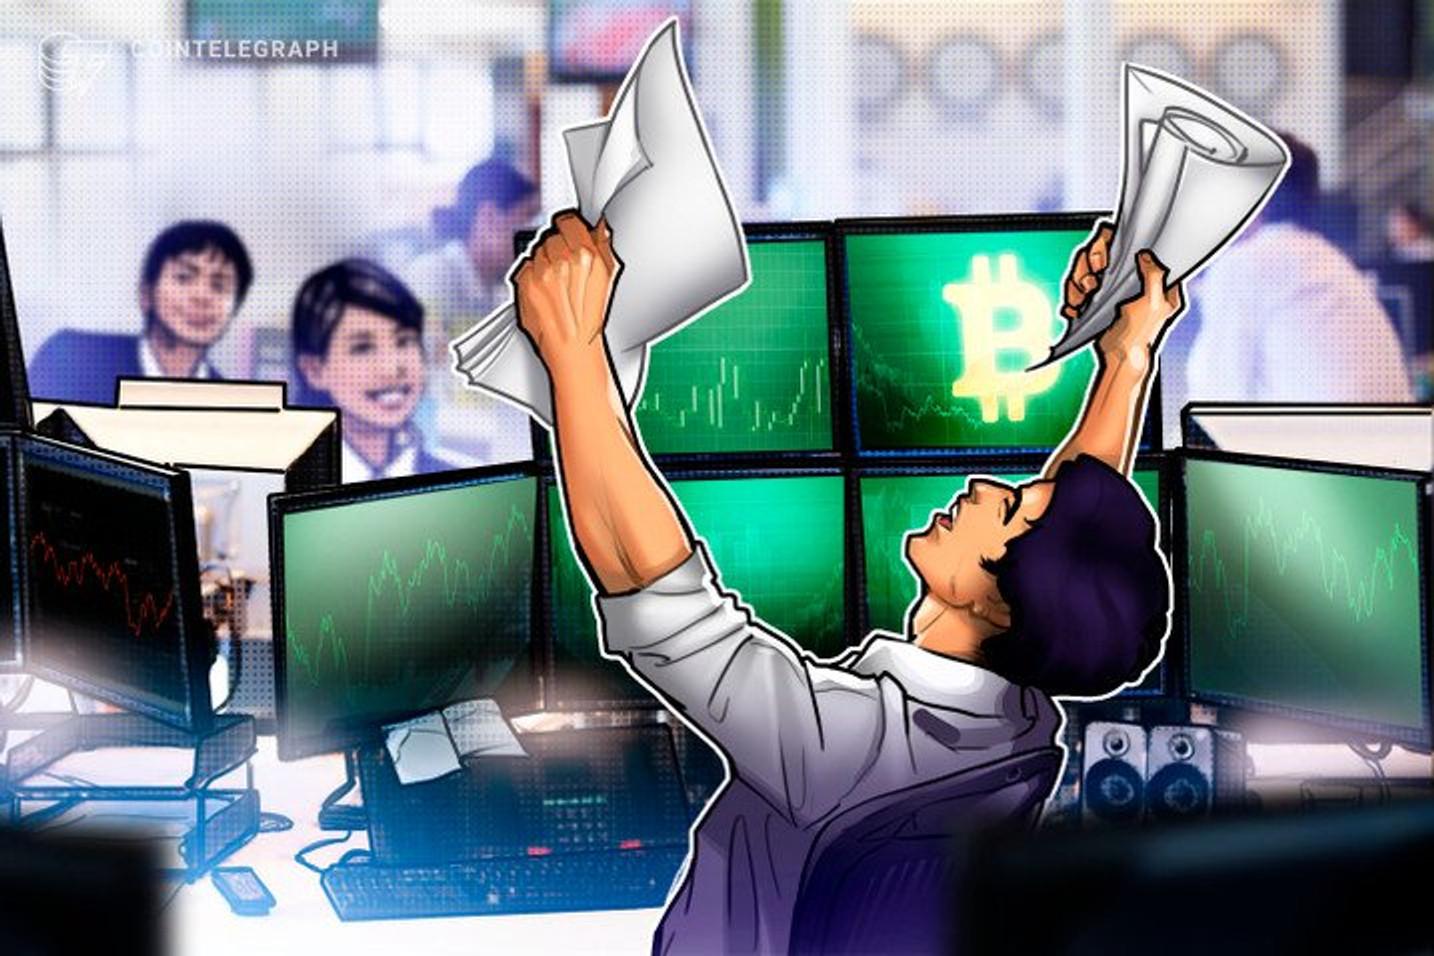 Analista que previu preço do Bitcoin em 2019 declara que BTC chegará a US$ 150 mil mas antes vai cair a US$ 6.500